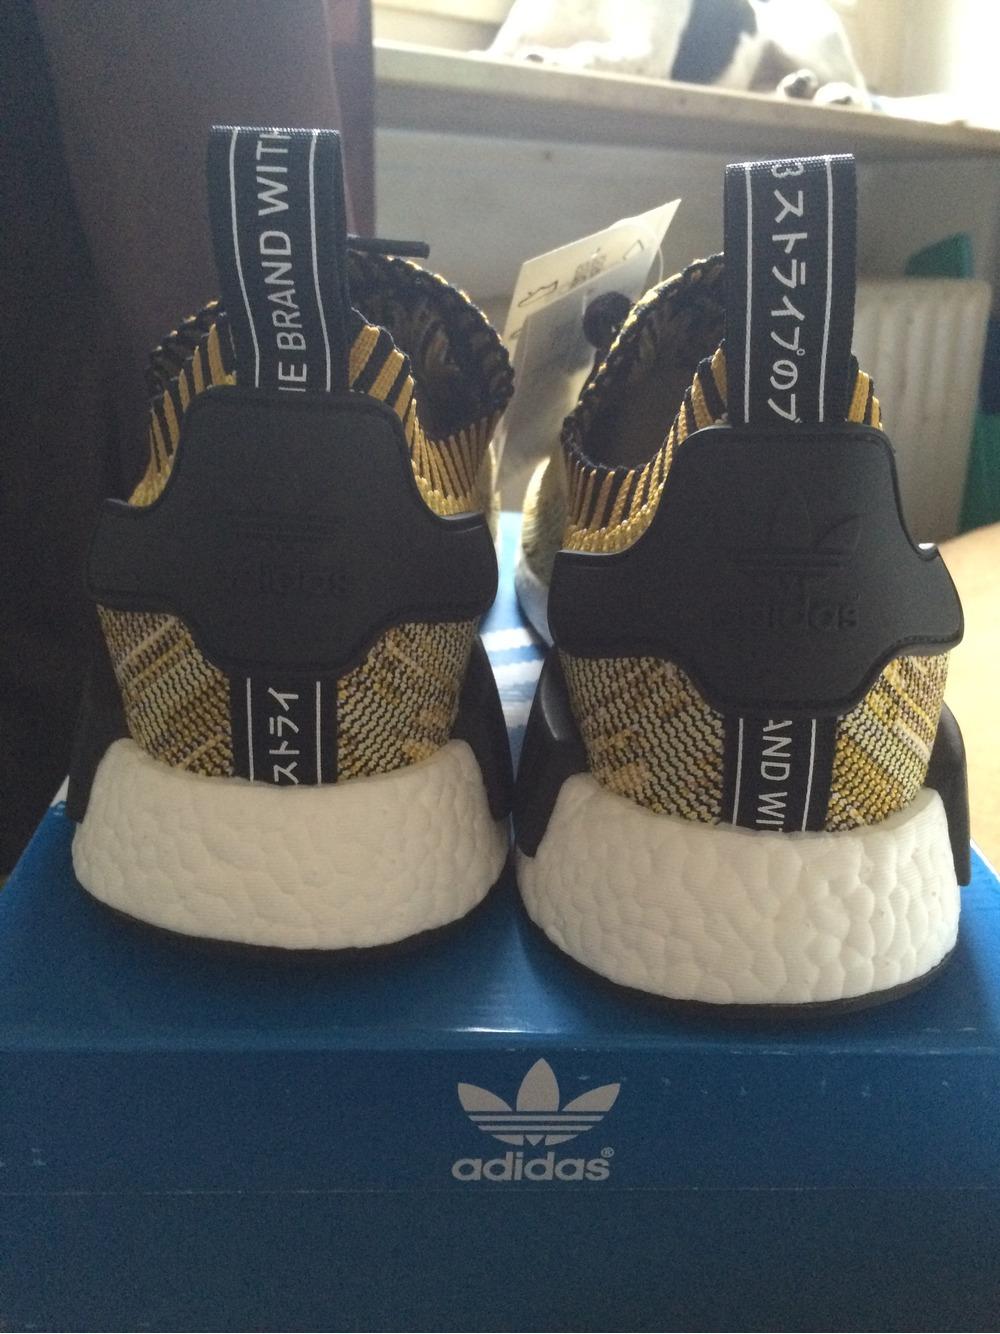 Sneakerpedia Sneakers NMD XR1 PK